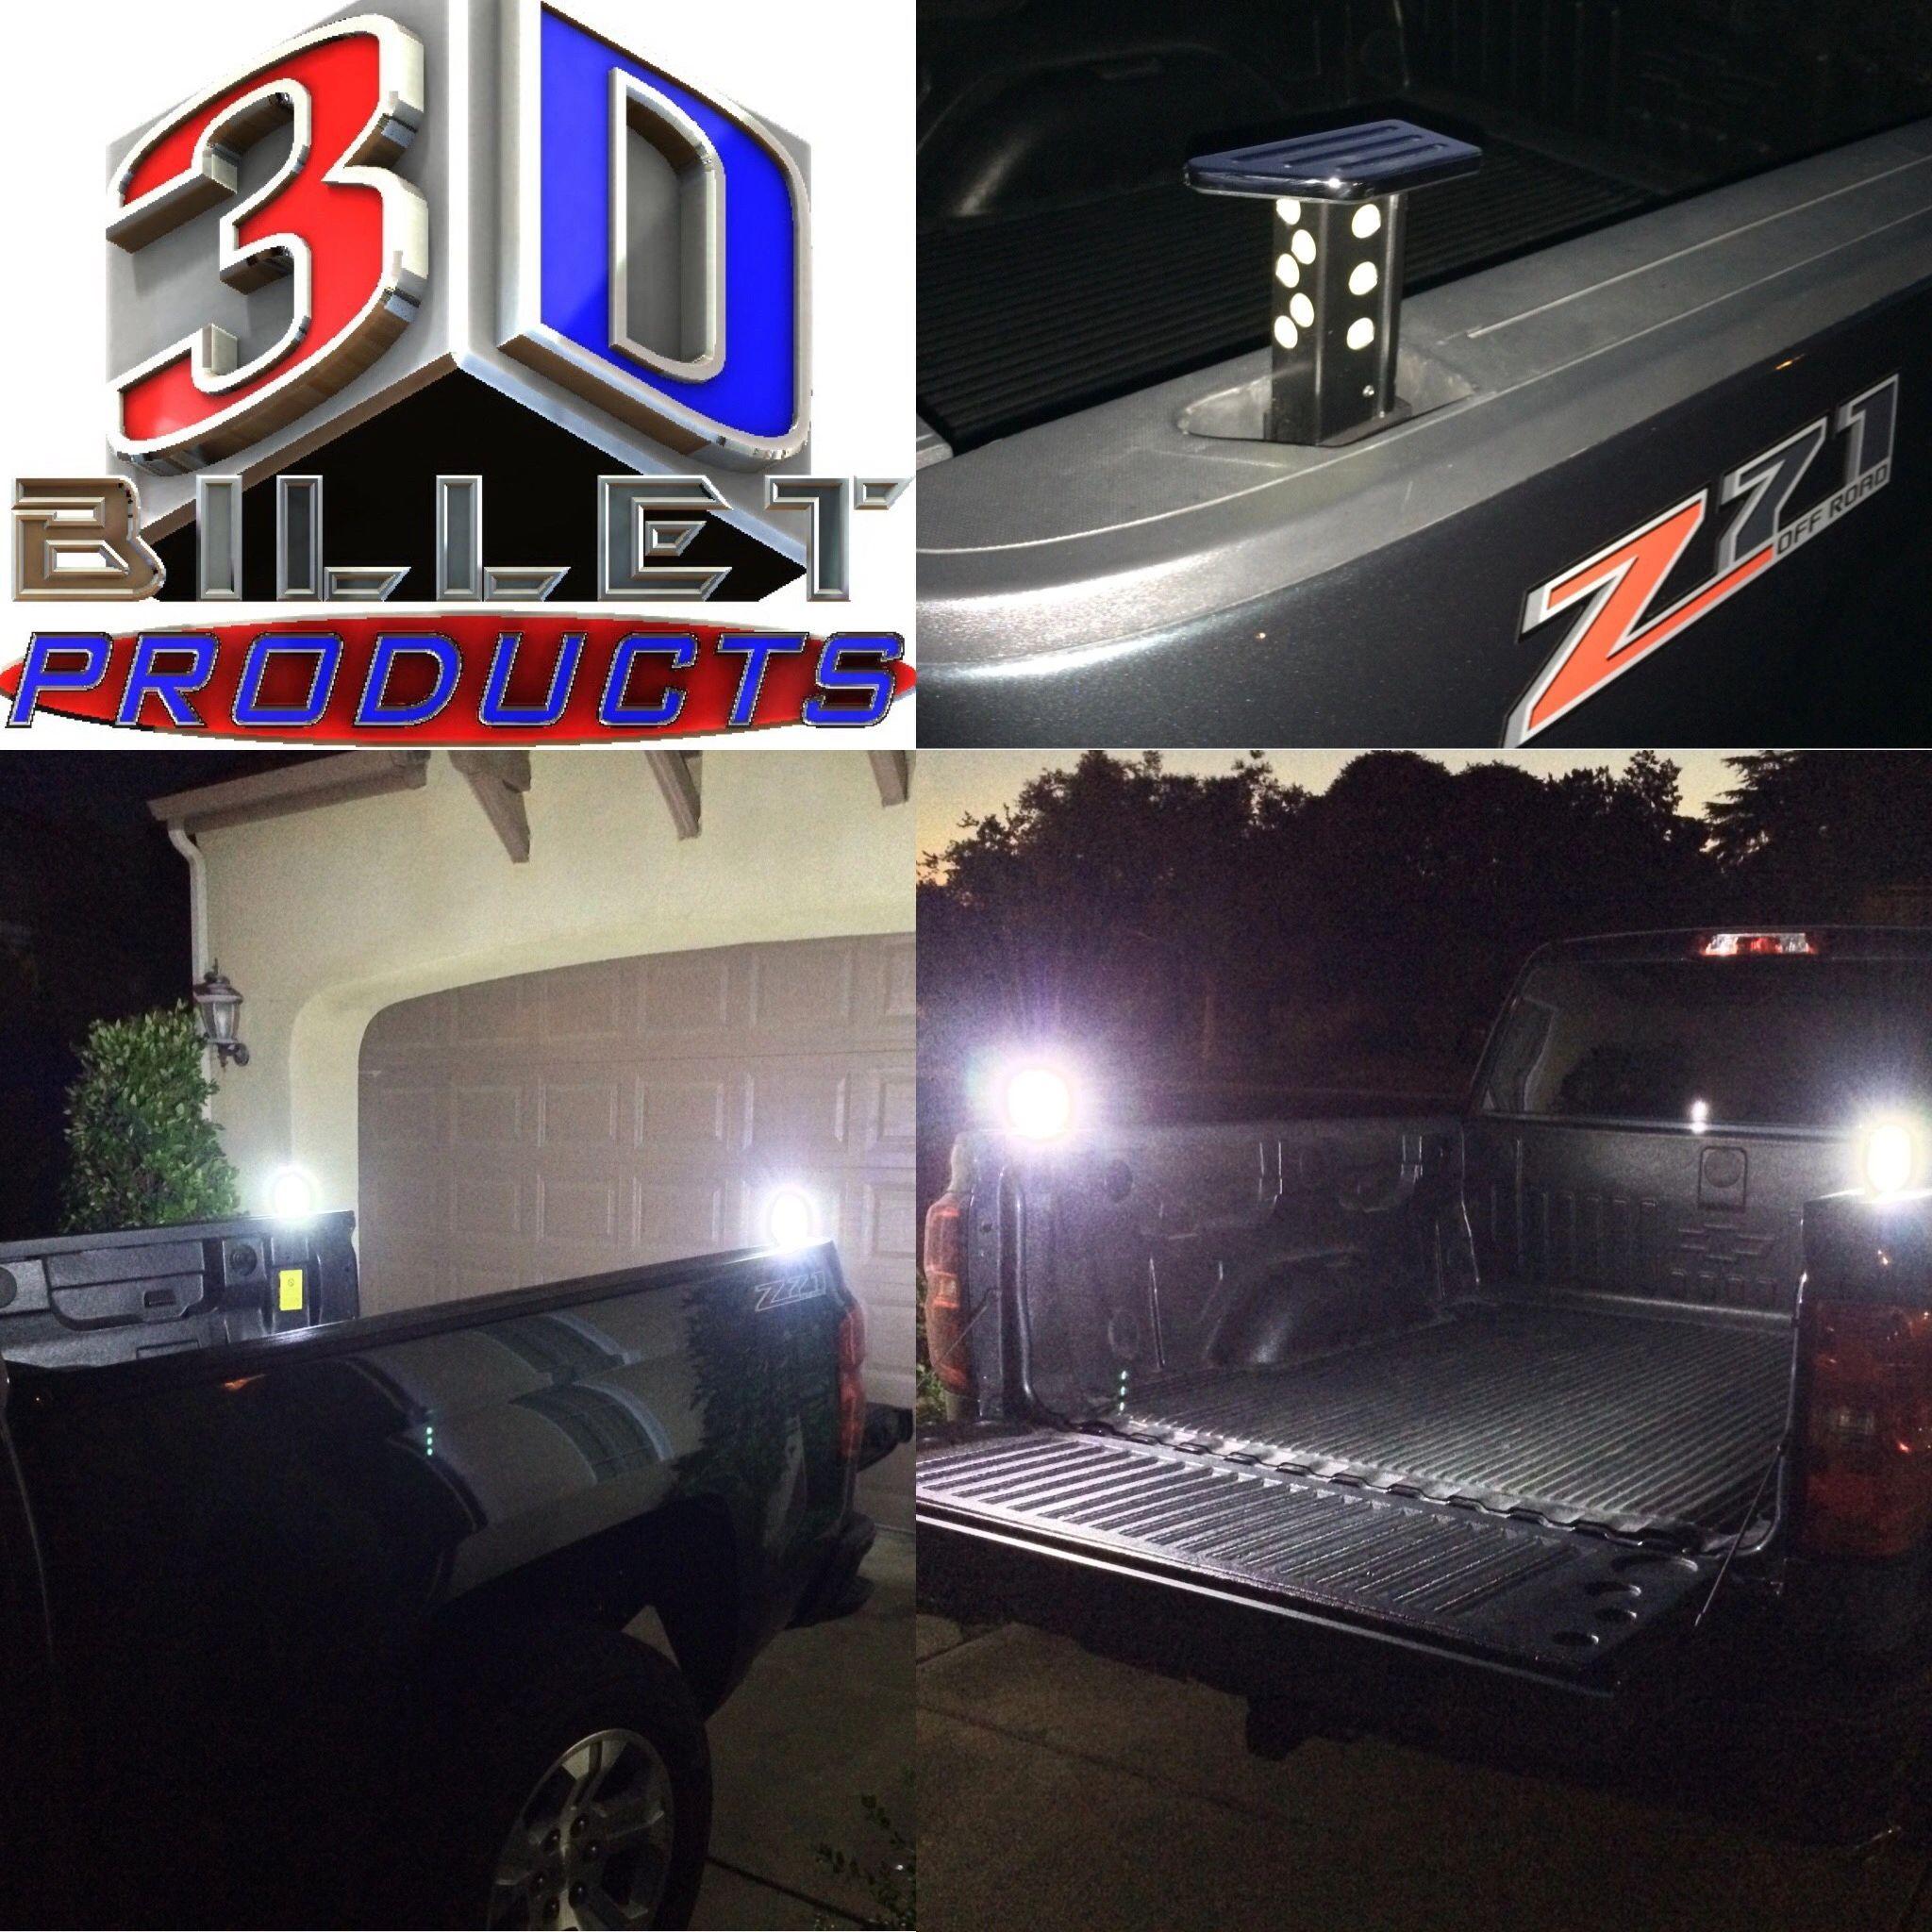 3d Billet Products Billet Led Truck Bed Lights Fresno